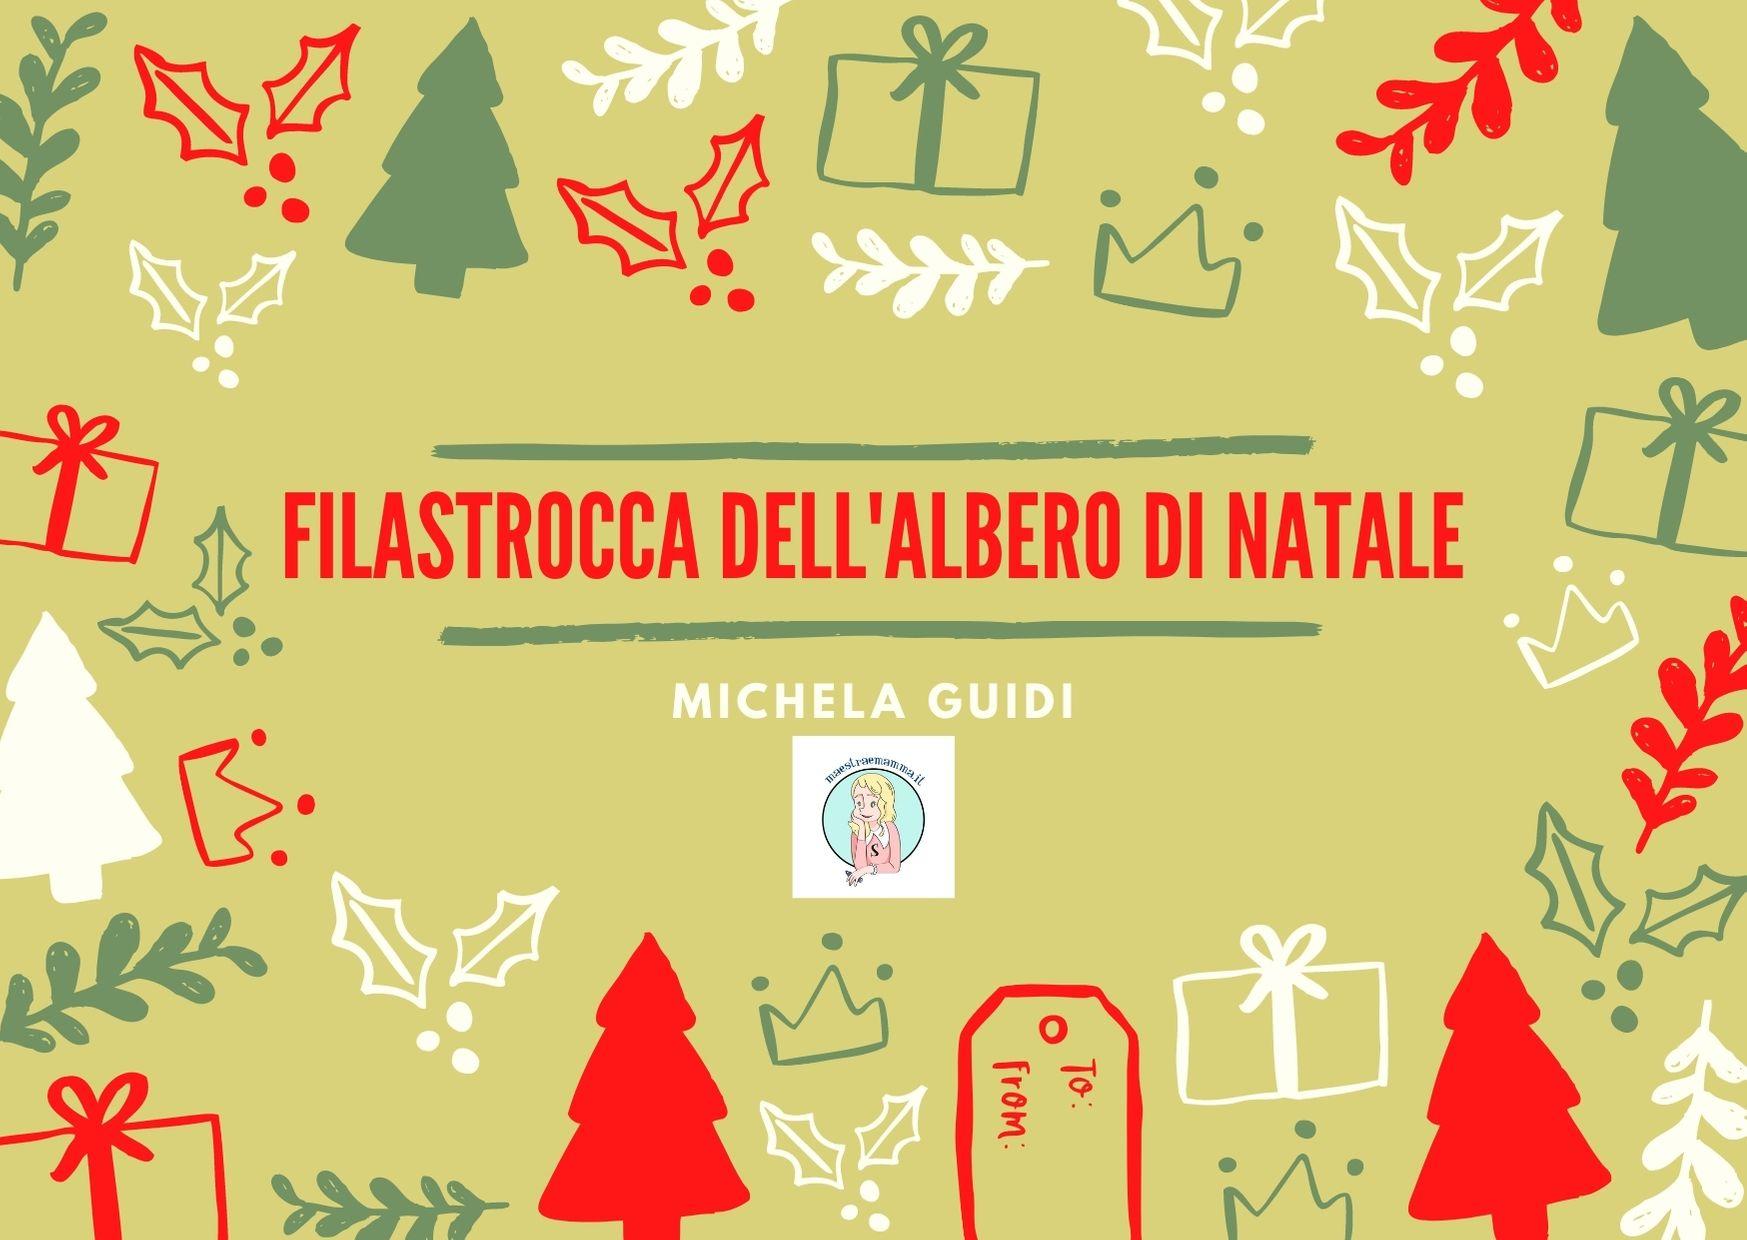 La filastrocca dell'albero di Natale di Michela Guidi